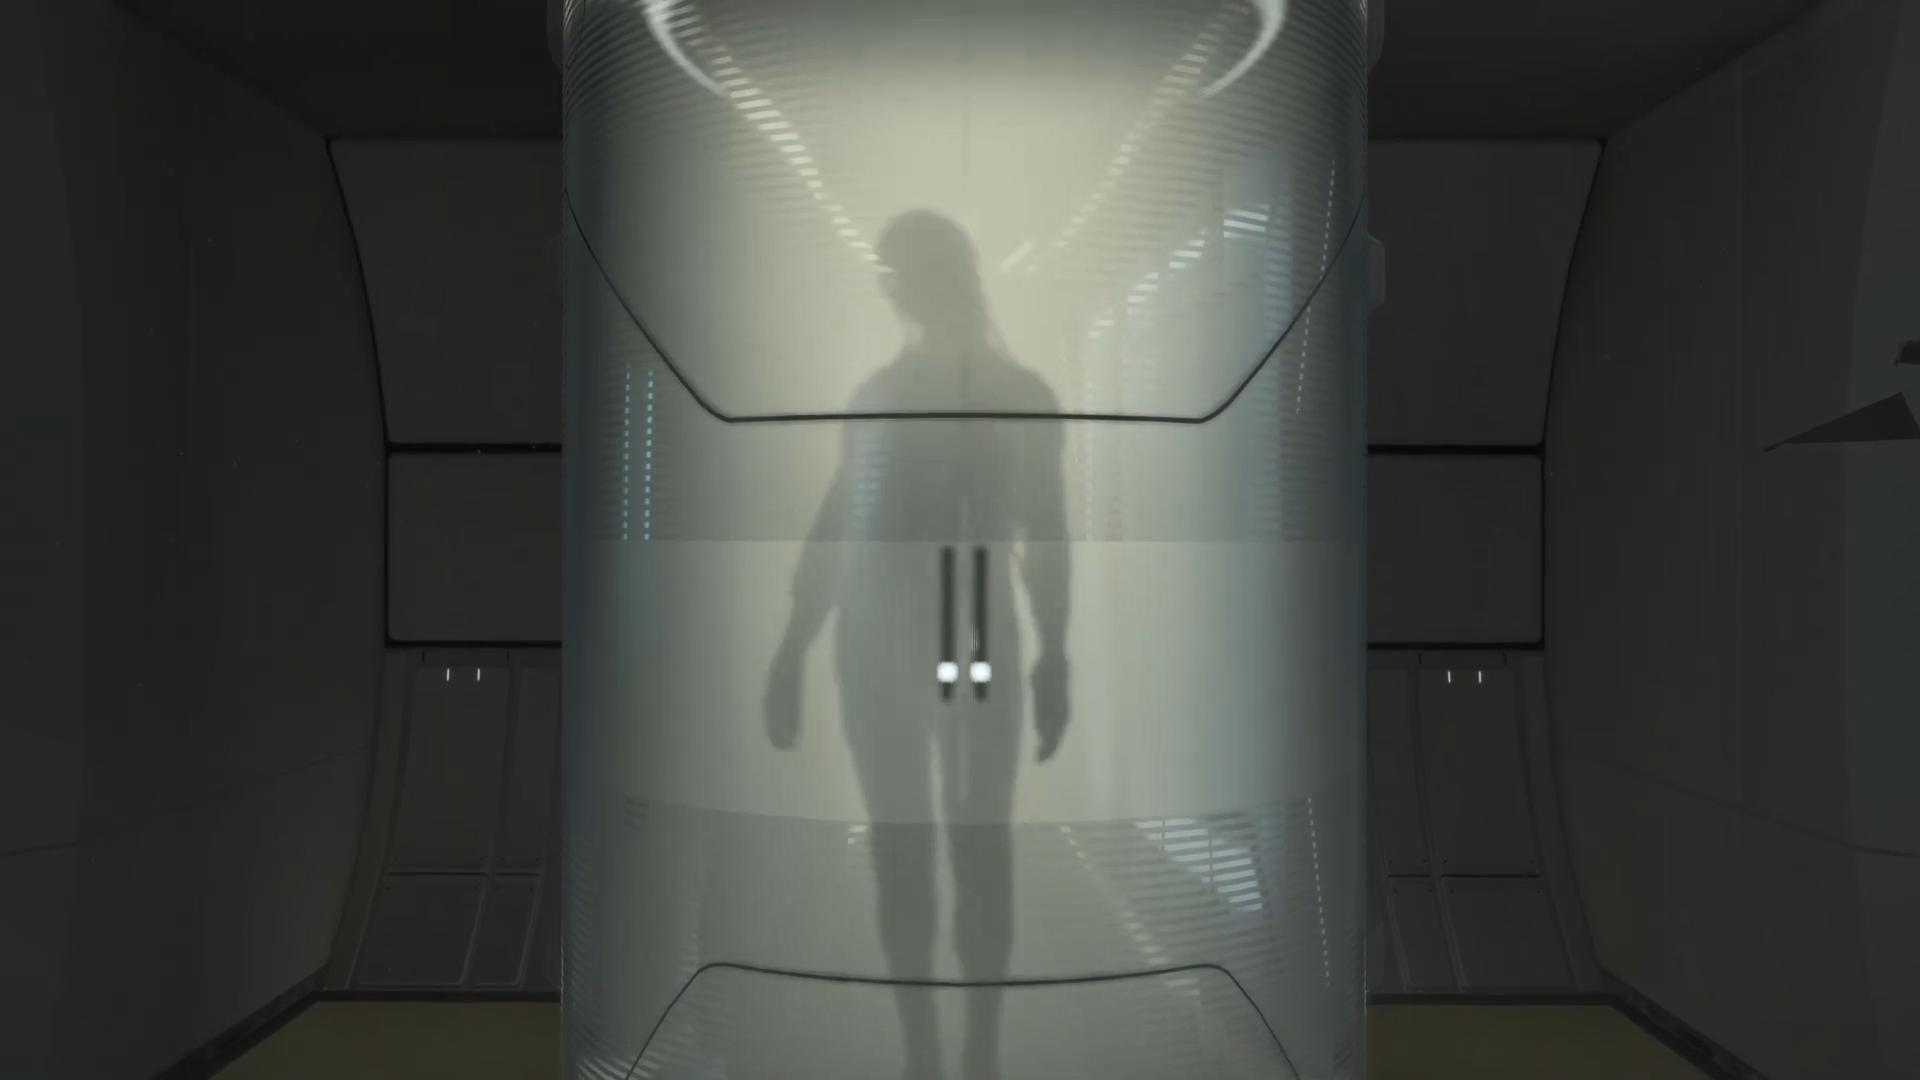 《死亡搁浅:导演剪辑版》新增《寂静岭》彩蛋 Lisa站姿的BT